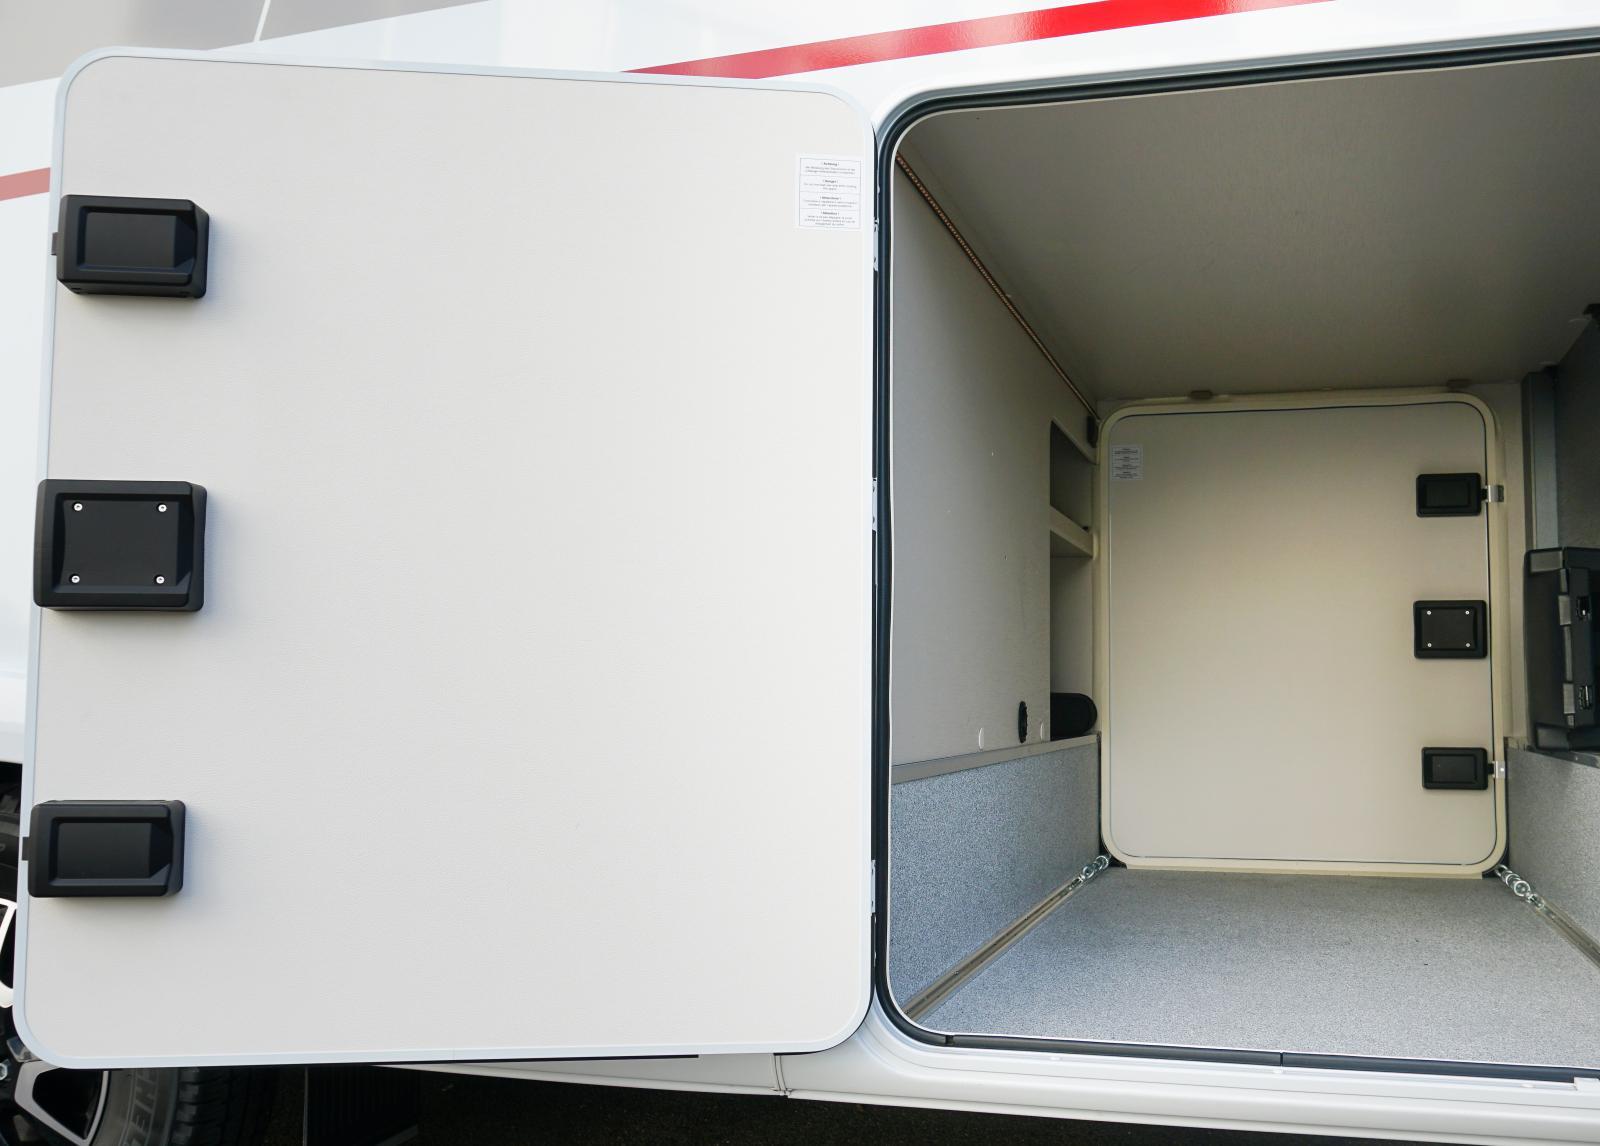 Ett bra garage med dubbla luckor och där lucklåsen har enhandsfattning. Lastöglor och belysning är också plus!